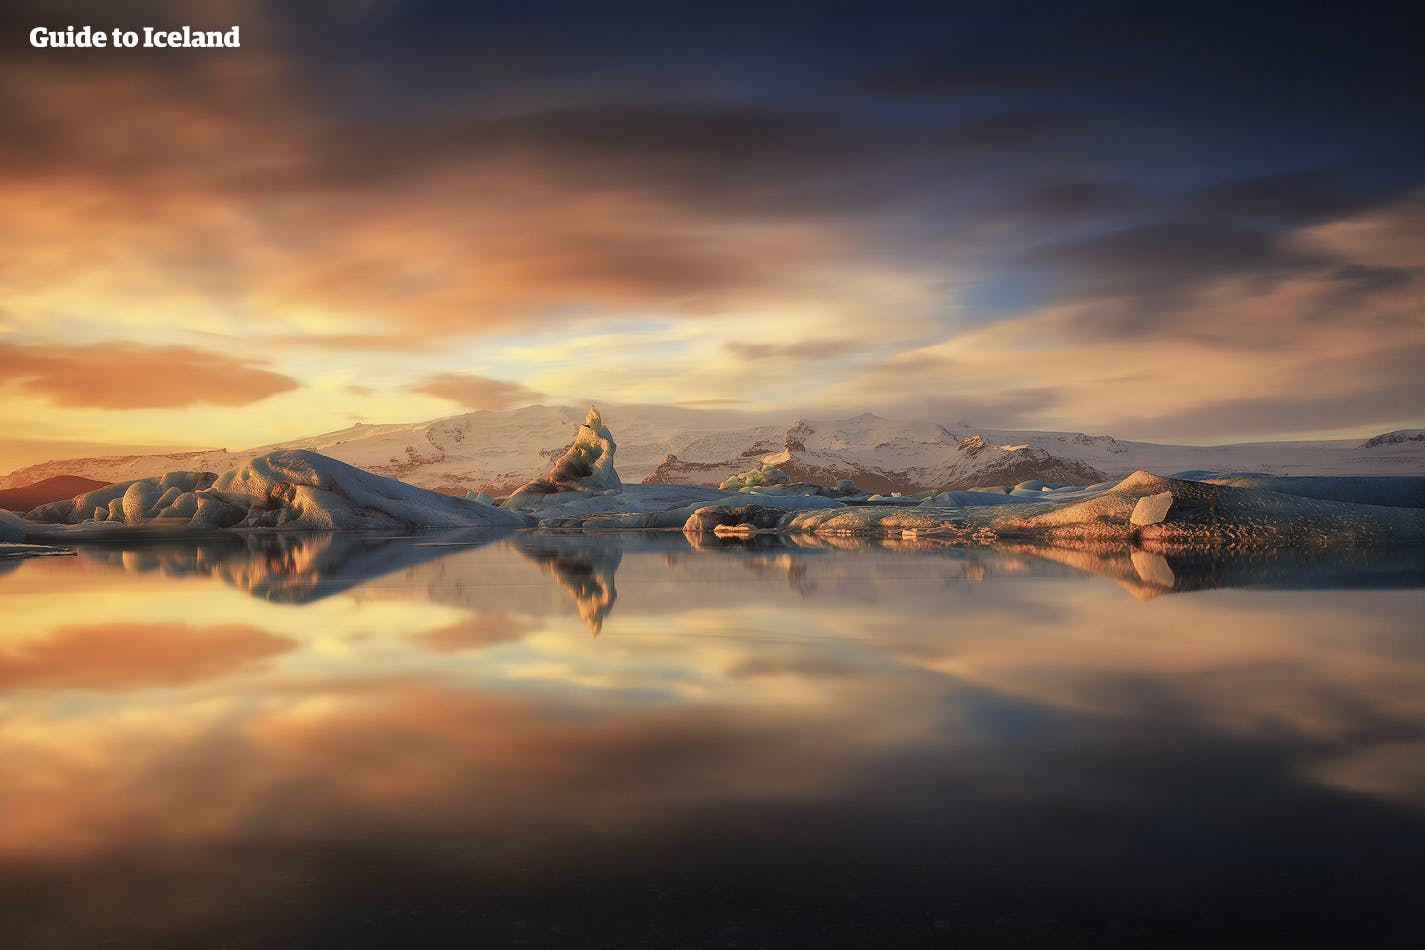 8日間の旅の中でも最も印象に残るのはヨークルスアゥルロゥン氷河湖でしょう